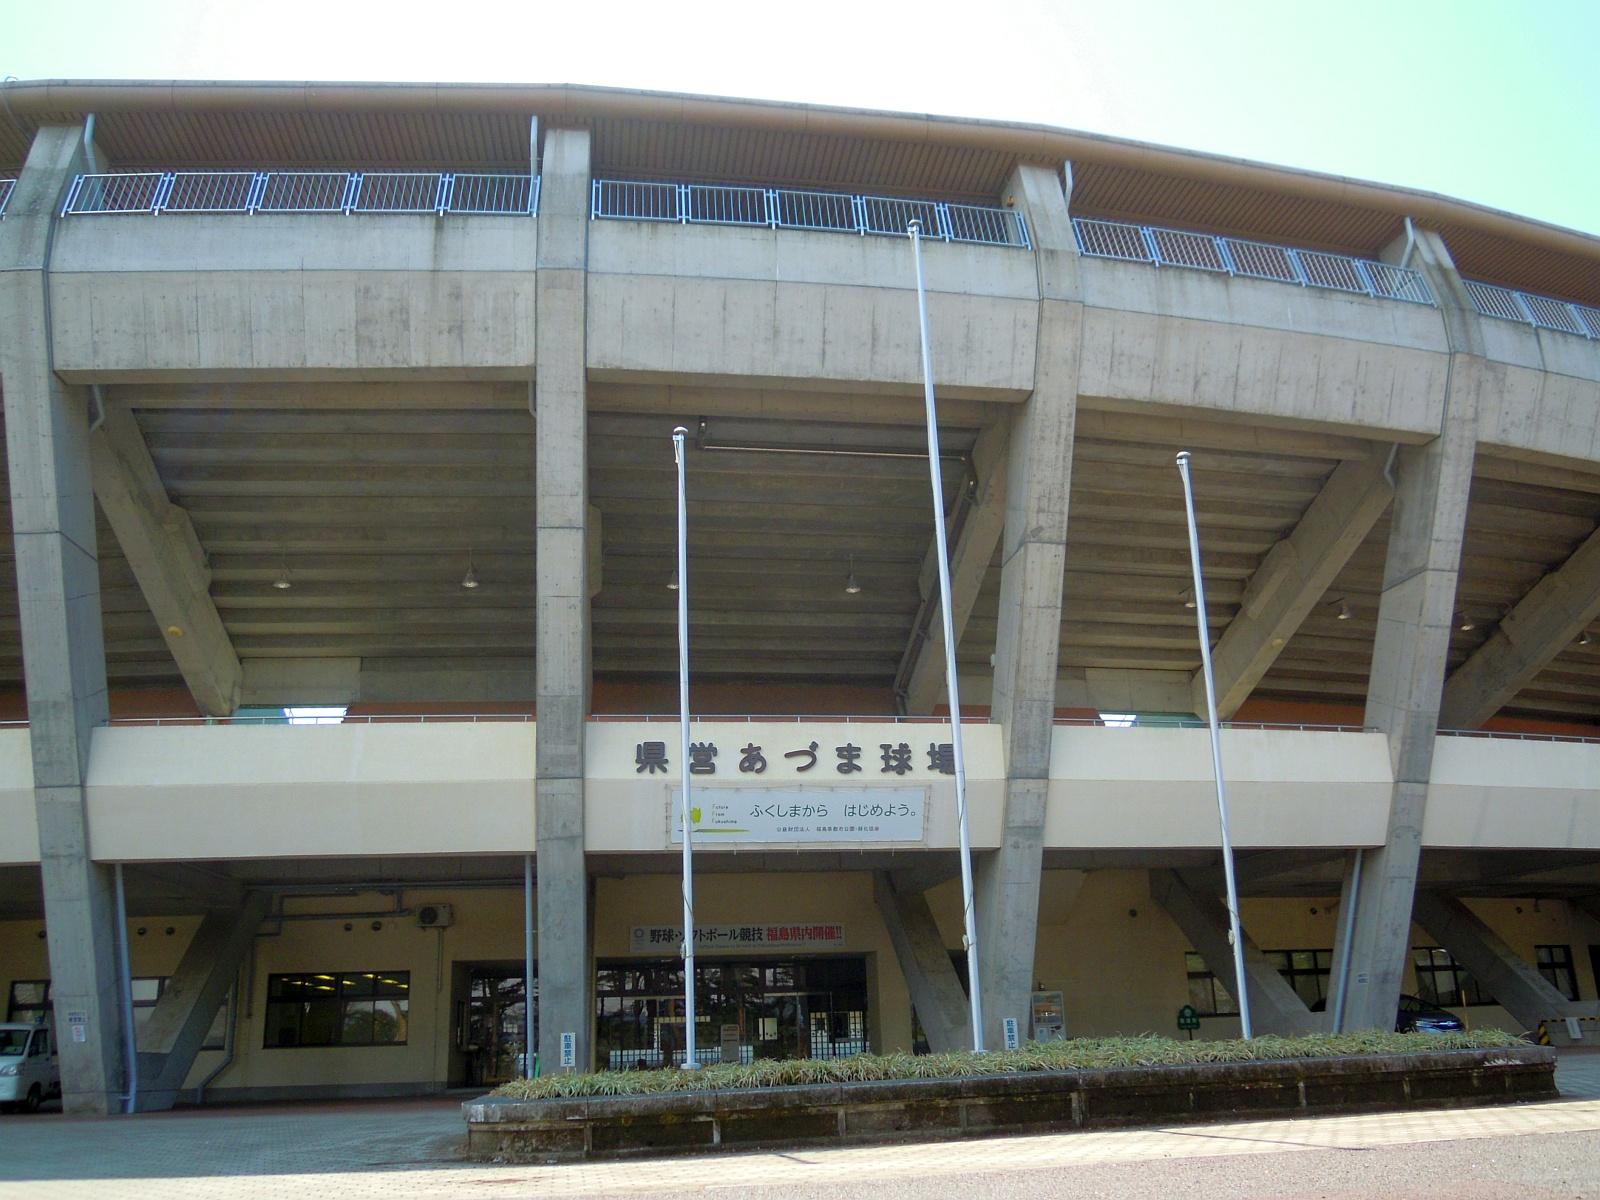 A földrengésben nem sérültek meg az olimpiai létesítmények